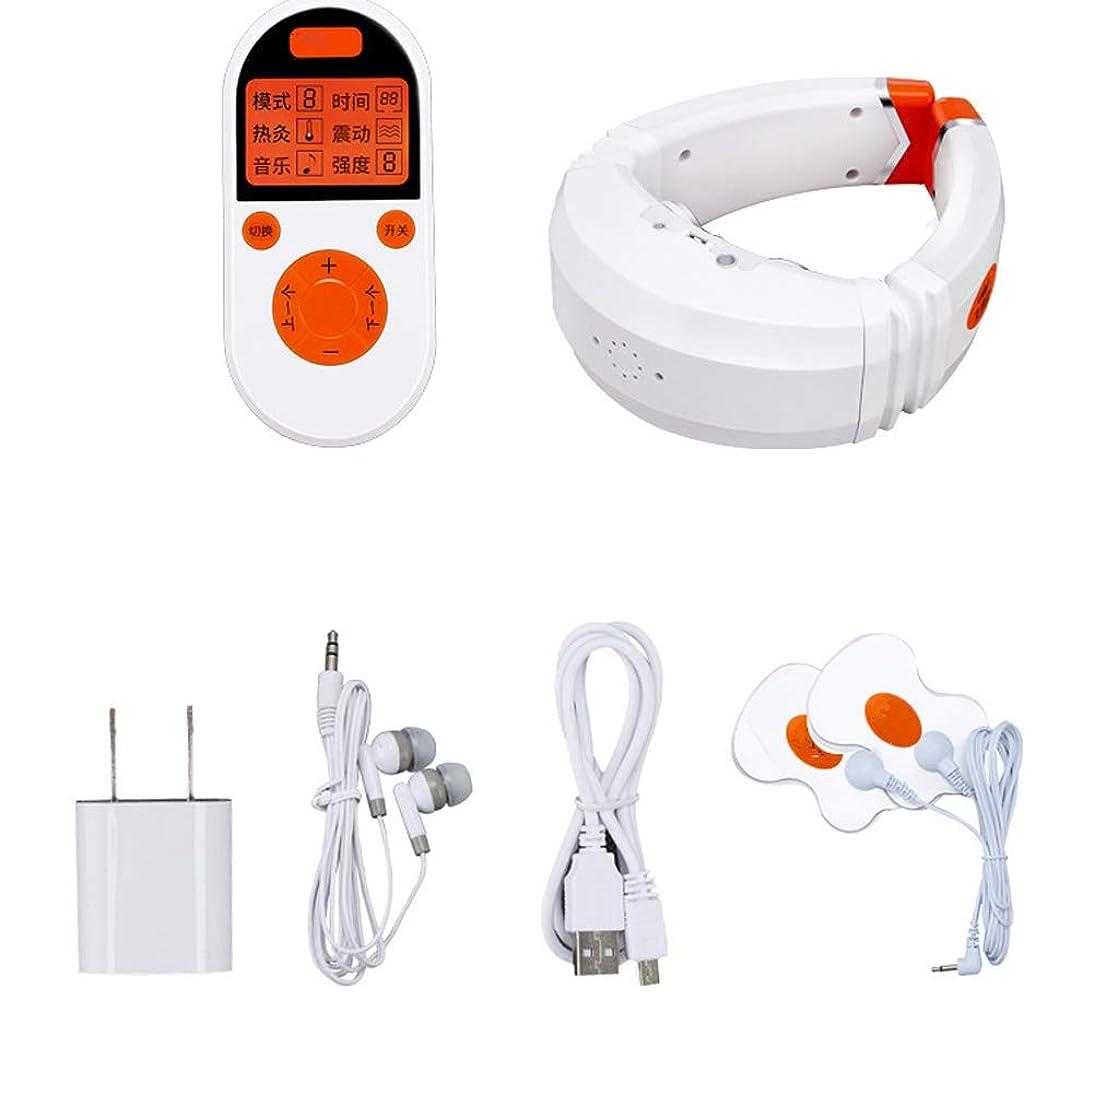 スカーフ締め切りフルーツ多機能インテリジェント頸部マッサージャー-電気パルスネックマッサージ器は、車、オフィス、家庭で使用でき、なだめるようなリラックスできる体です